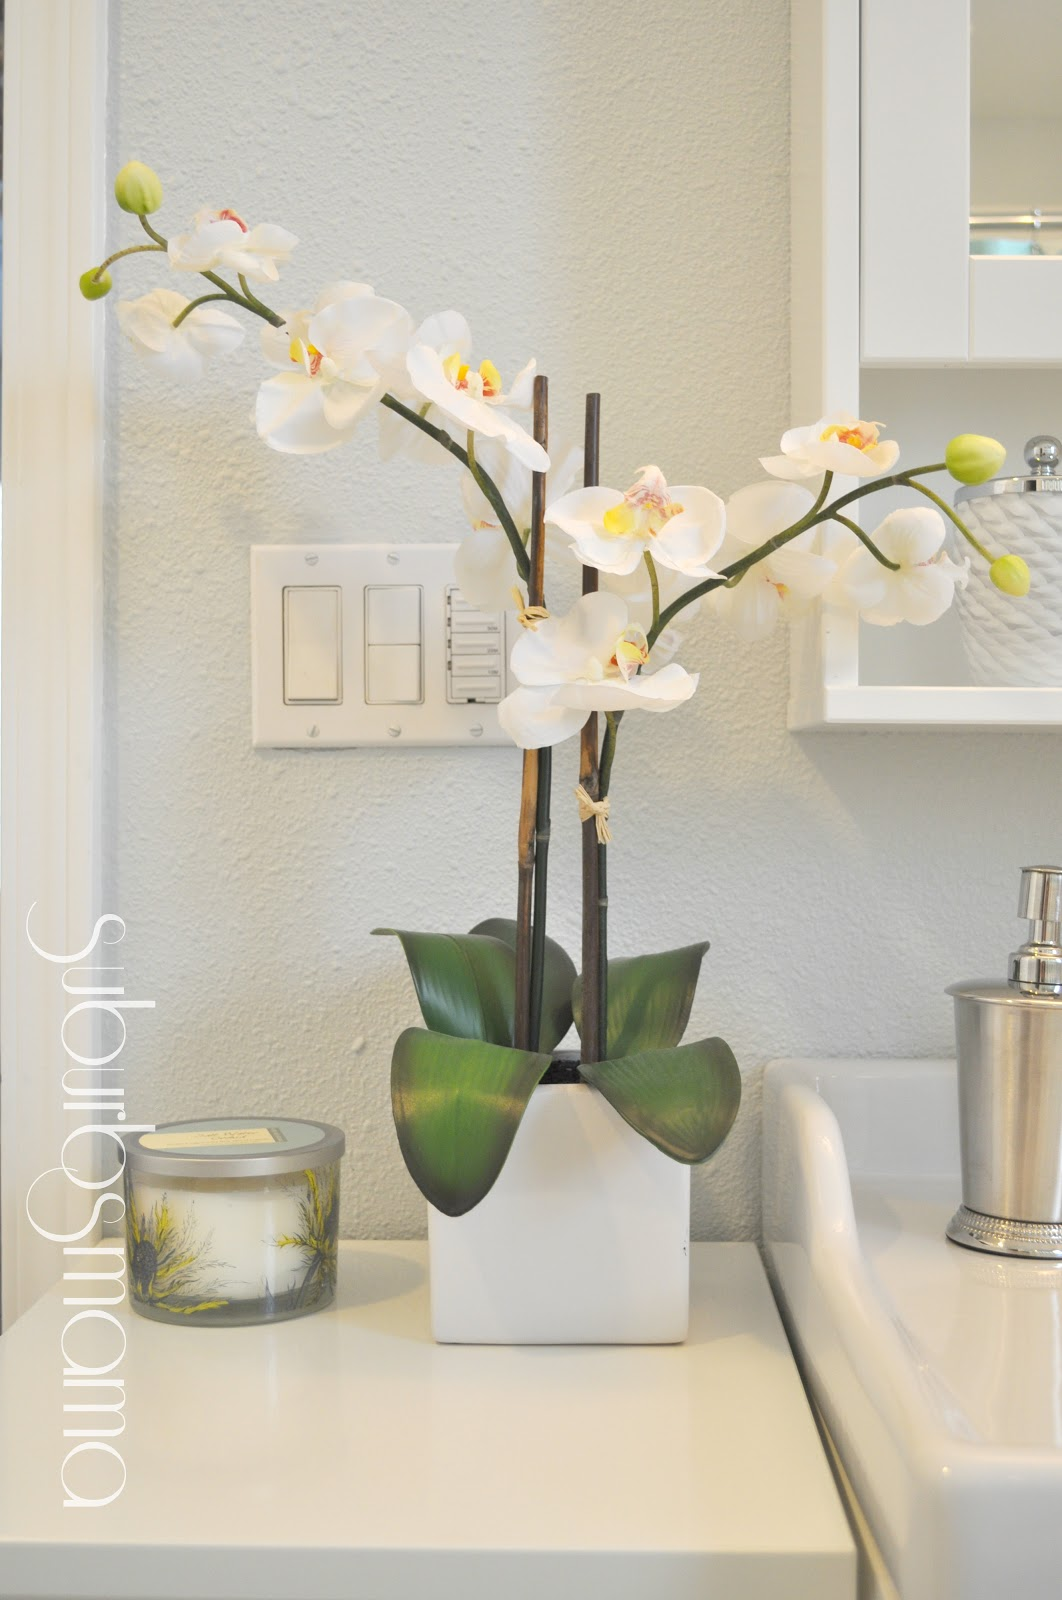 Mit Stilvollen Details Badezimmer Individuell Einrichten